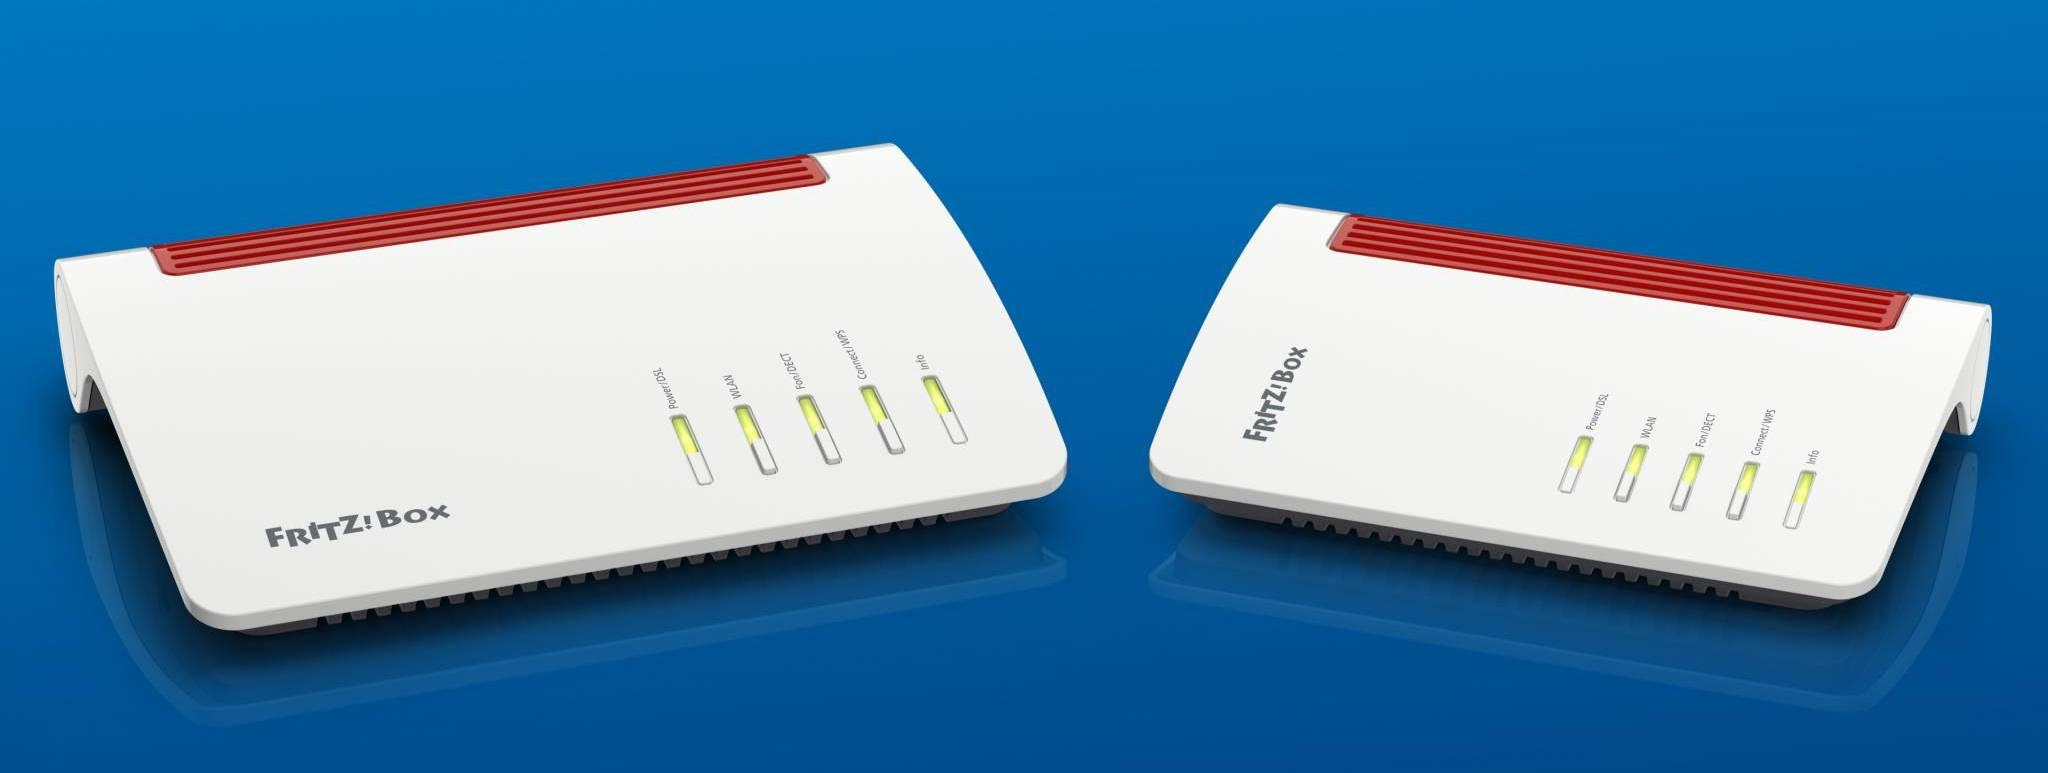 Die Bedienung ist bei allen FritzBox-Routern mehr oder weniger gleich. (Bild: AVM)